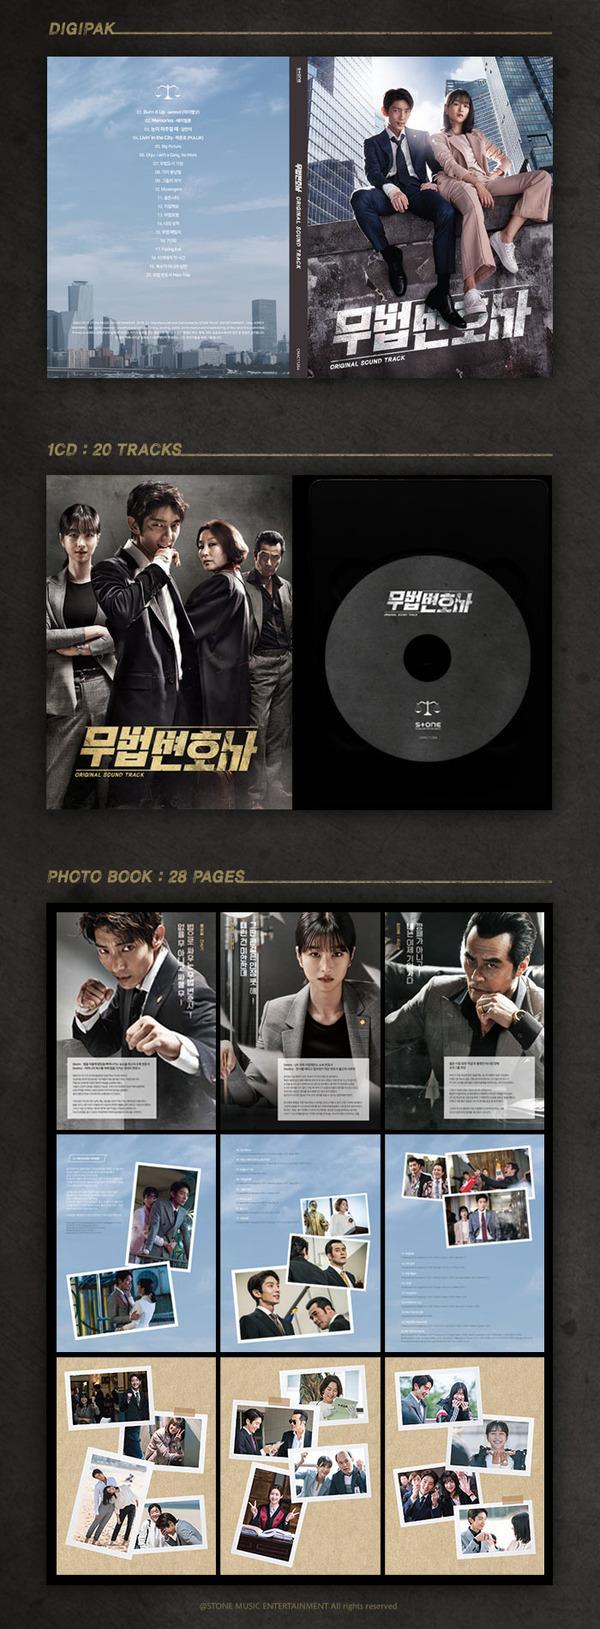 「無法弁護士」OST 韓国盤-3